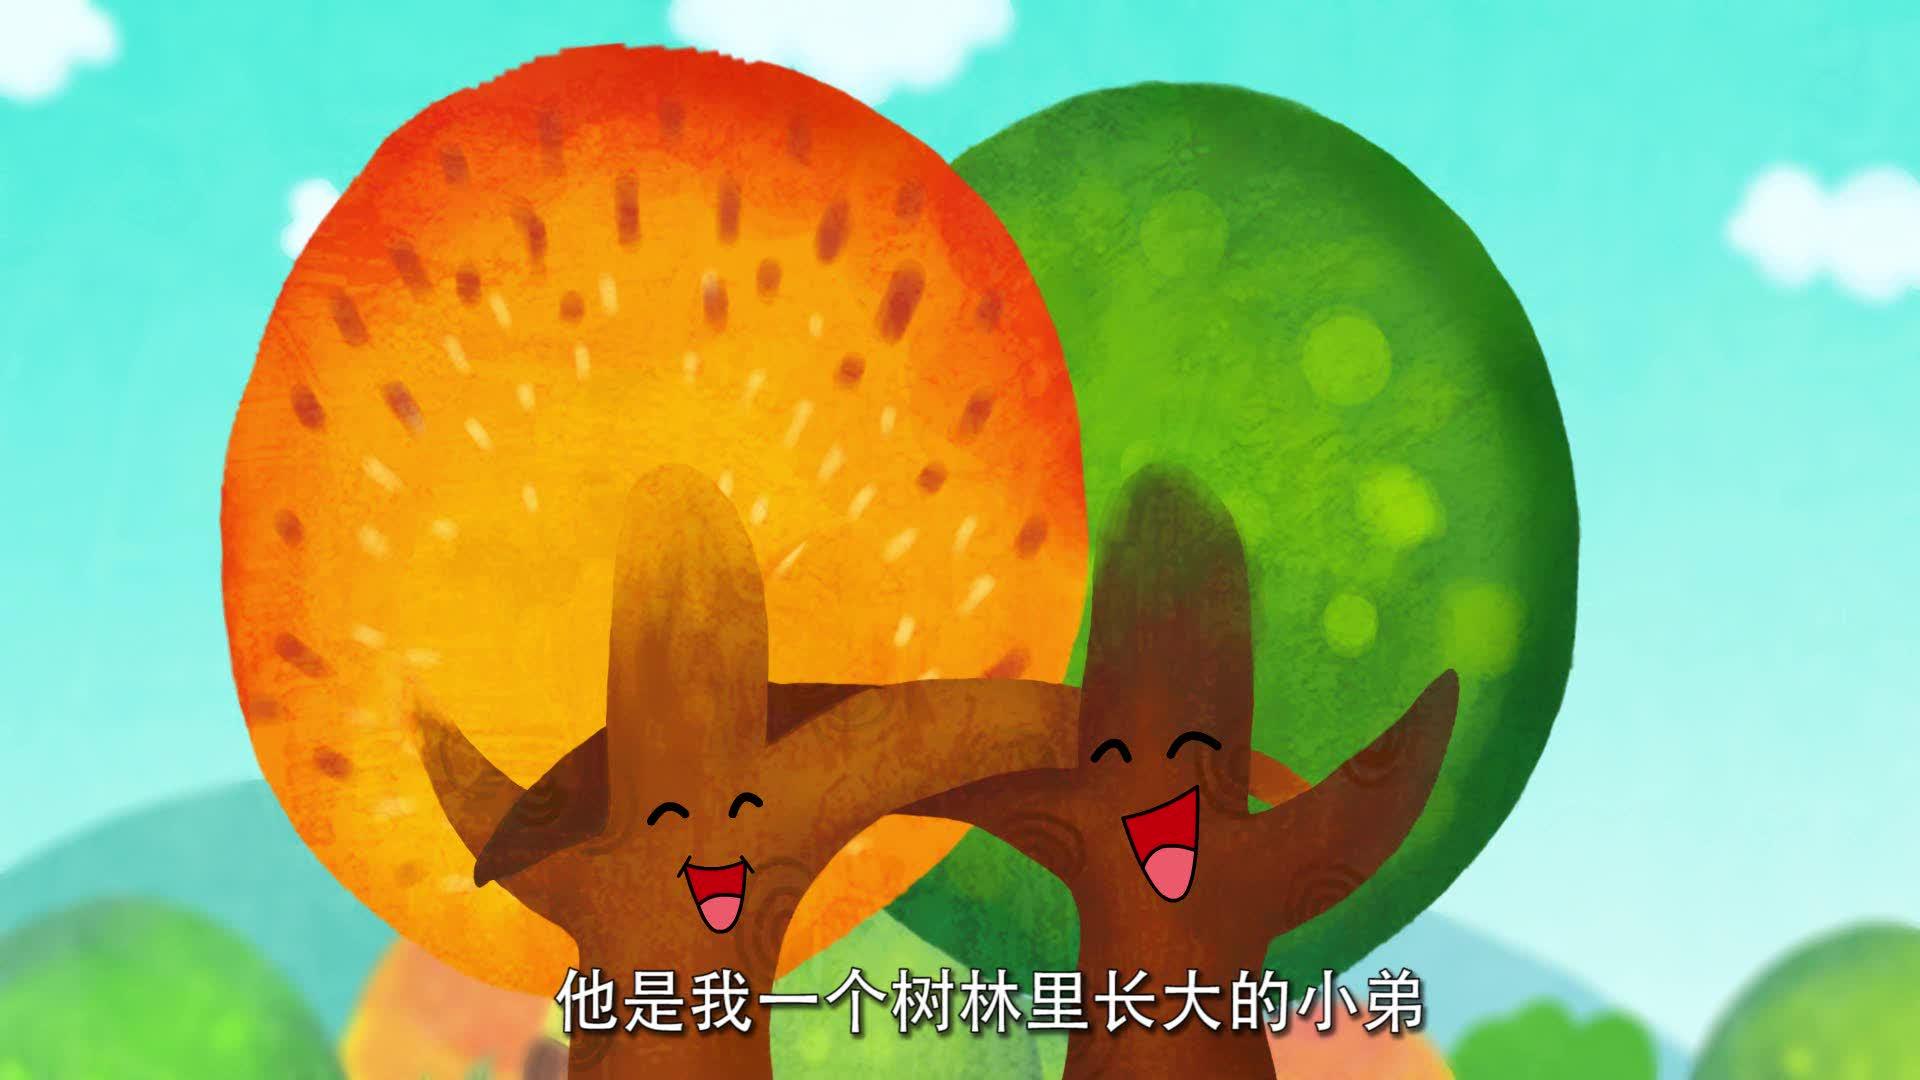 第12集《一次性筷子浪费大 爱惜树木不用它》